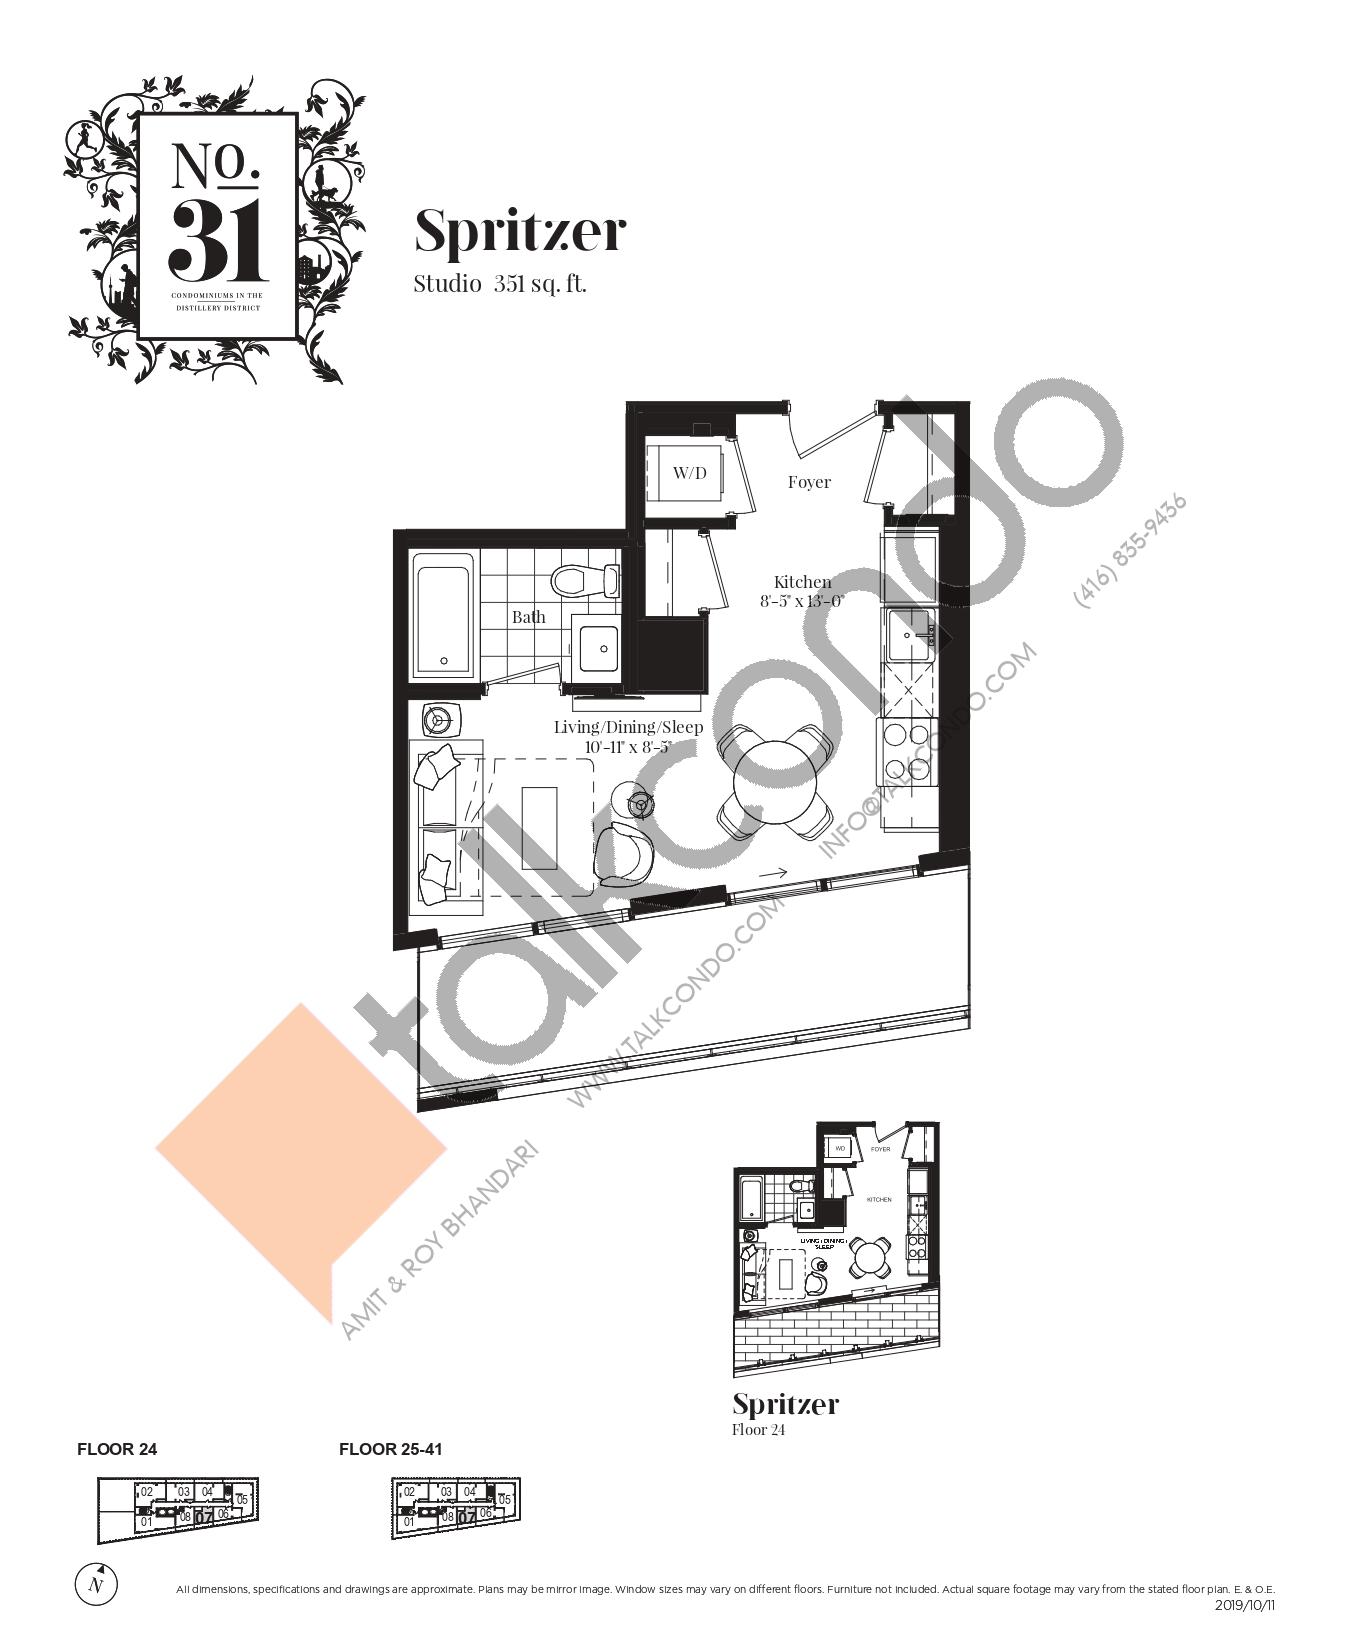 Spritzer Floor Plan at No. 31 Condos - 351 sq.ft